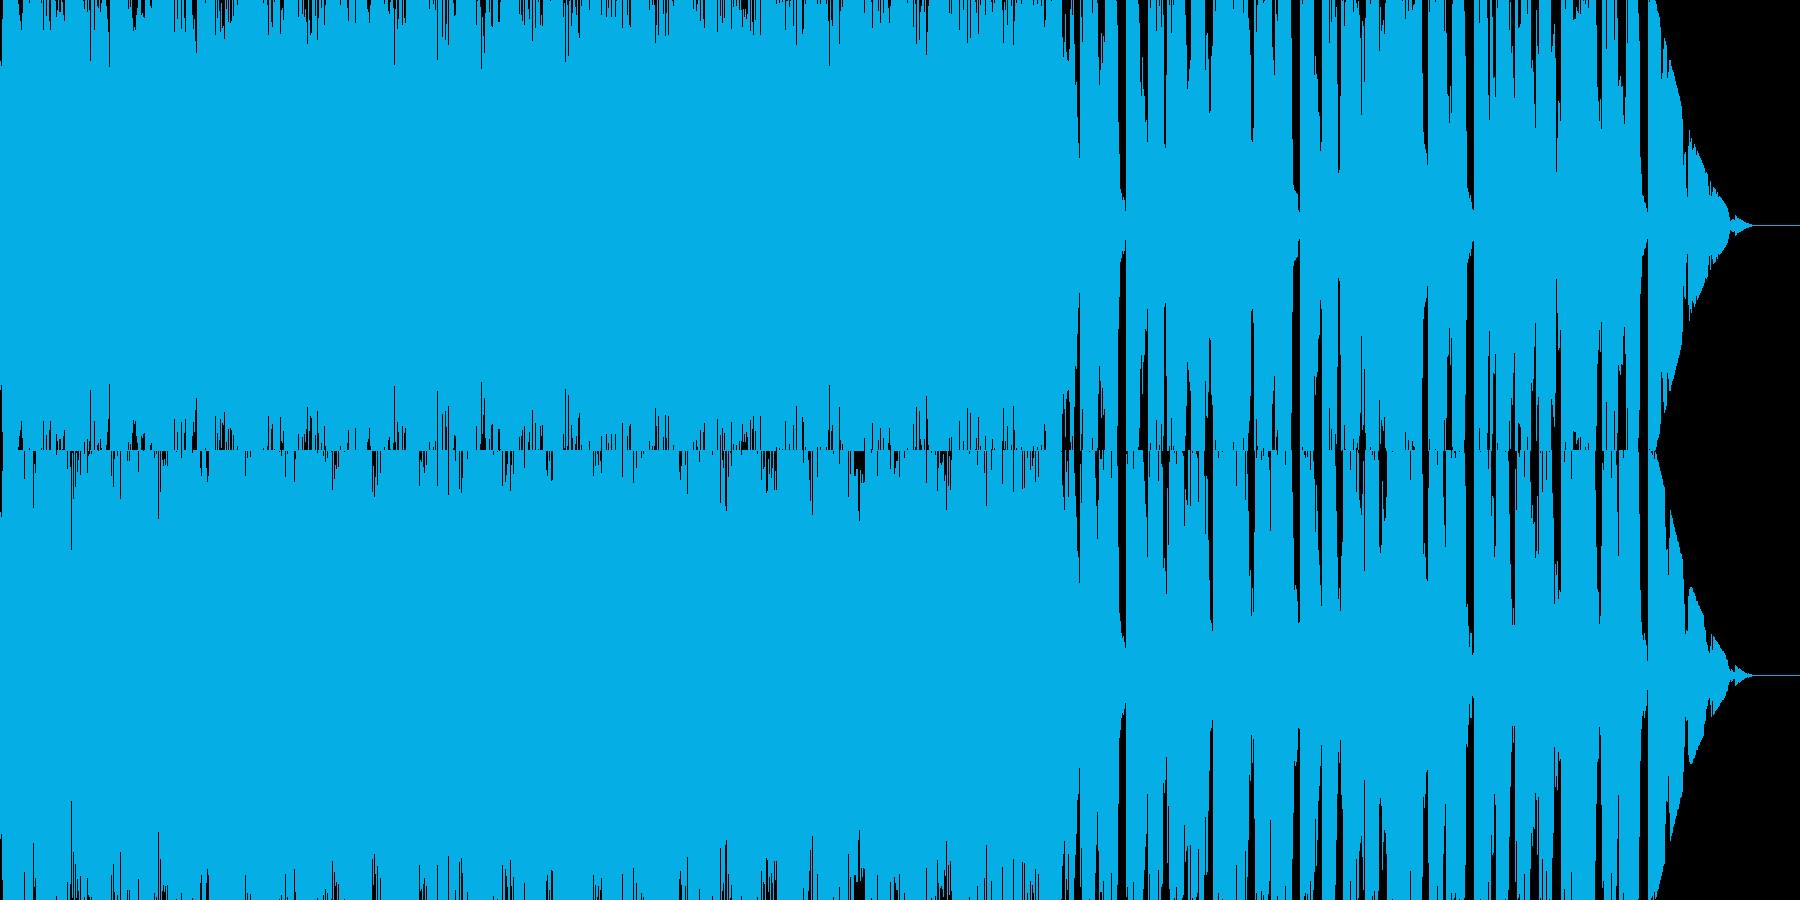 楽し気だけどせつないBGMの再生済みの波形